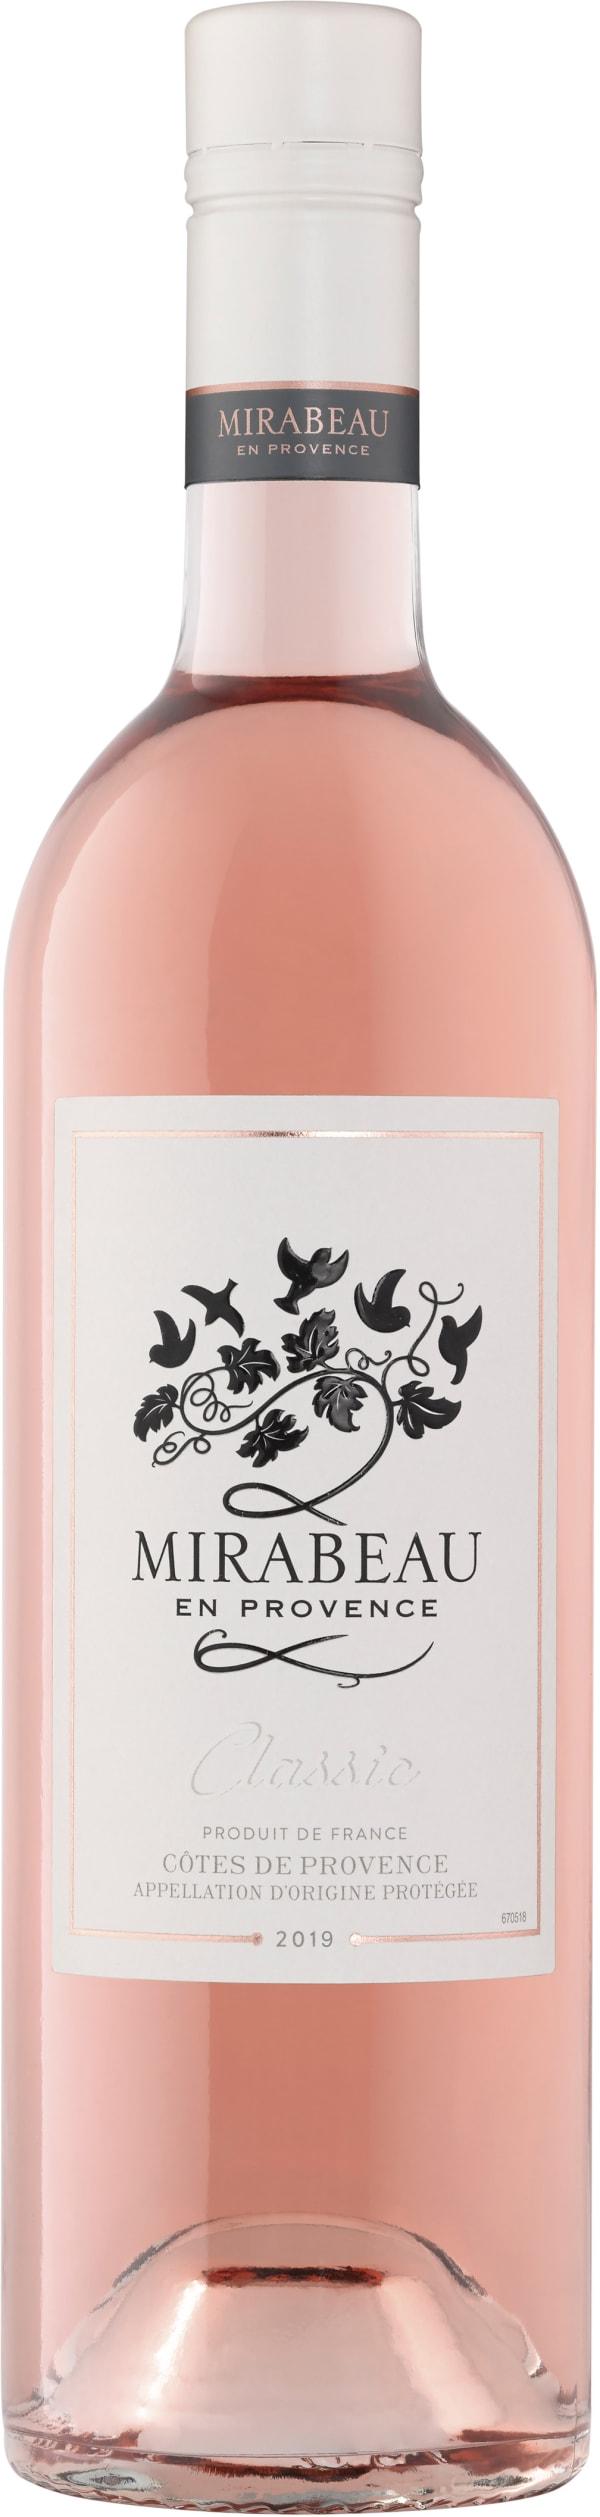 Mirabeau en Provence Classic Rosé 2019